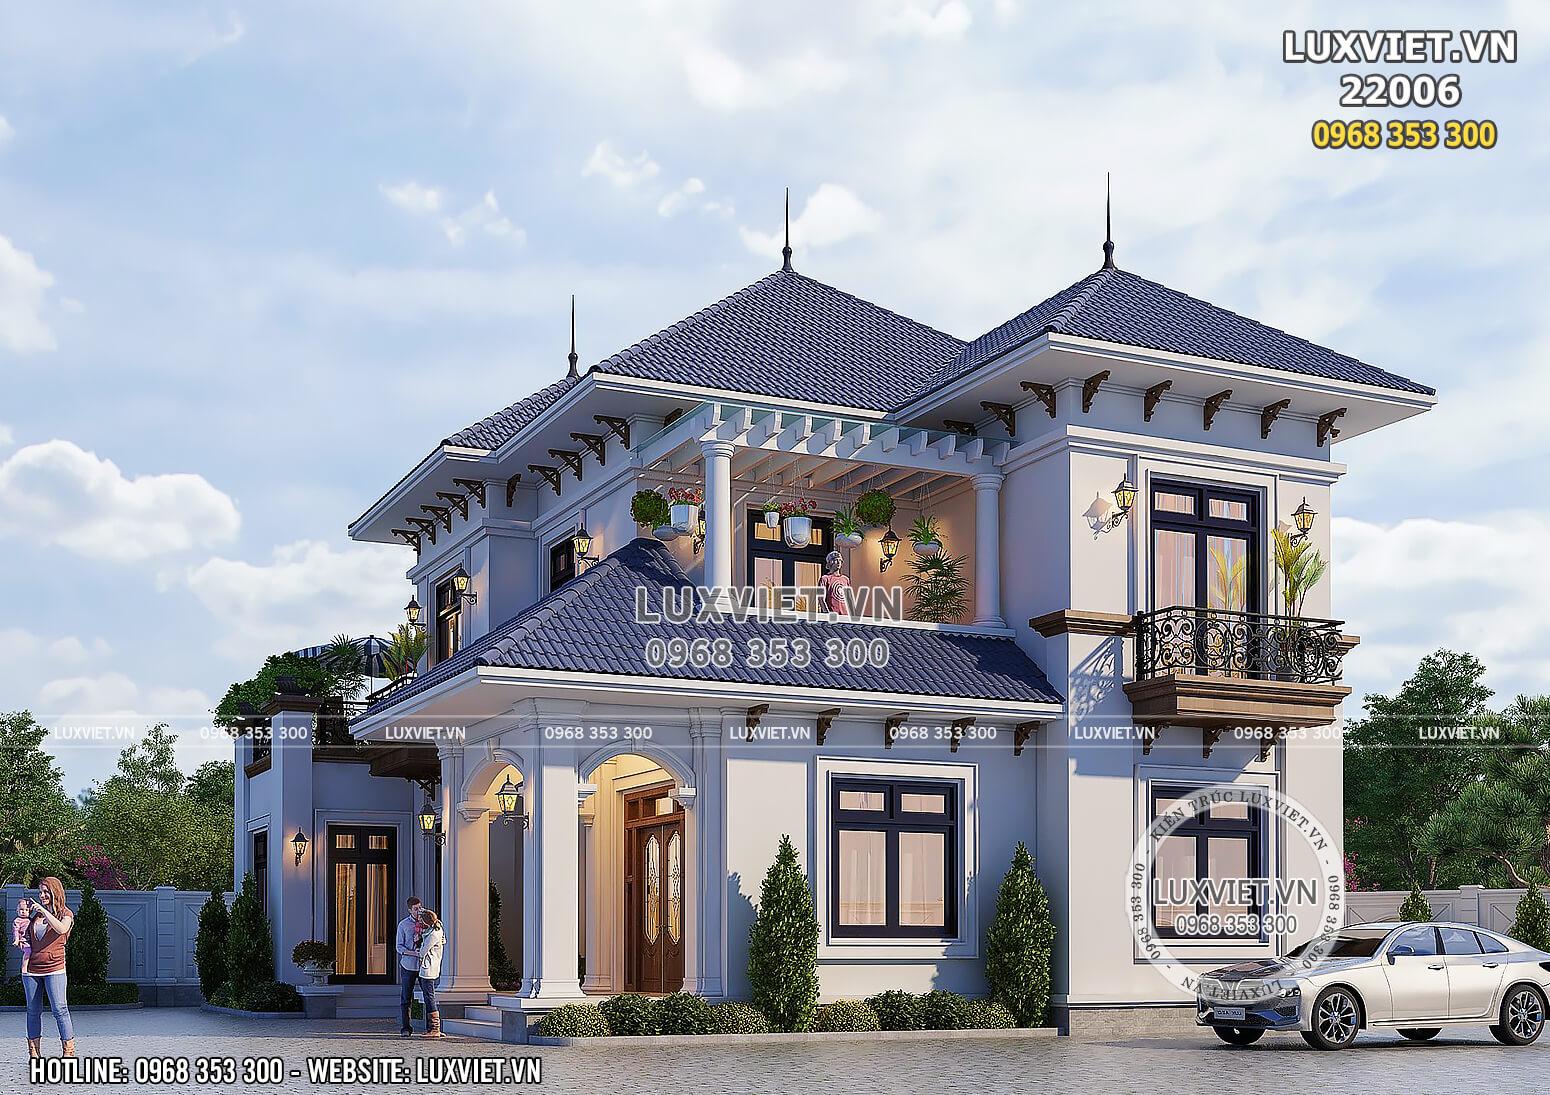 Toàn cảnh không gian ngoại thất đẹp mẫu thiết kế tân cổ điển đẹp